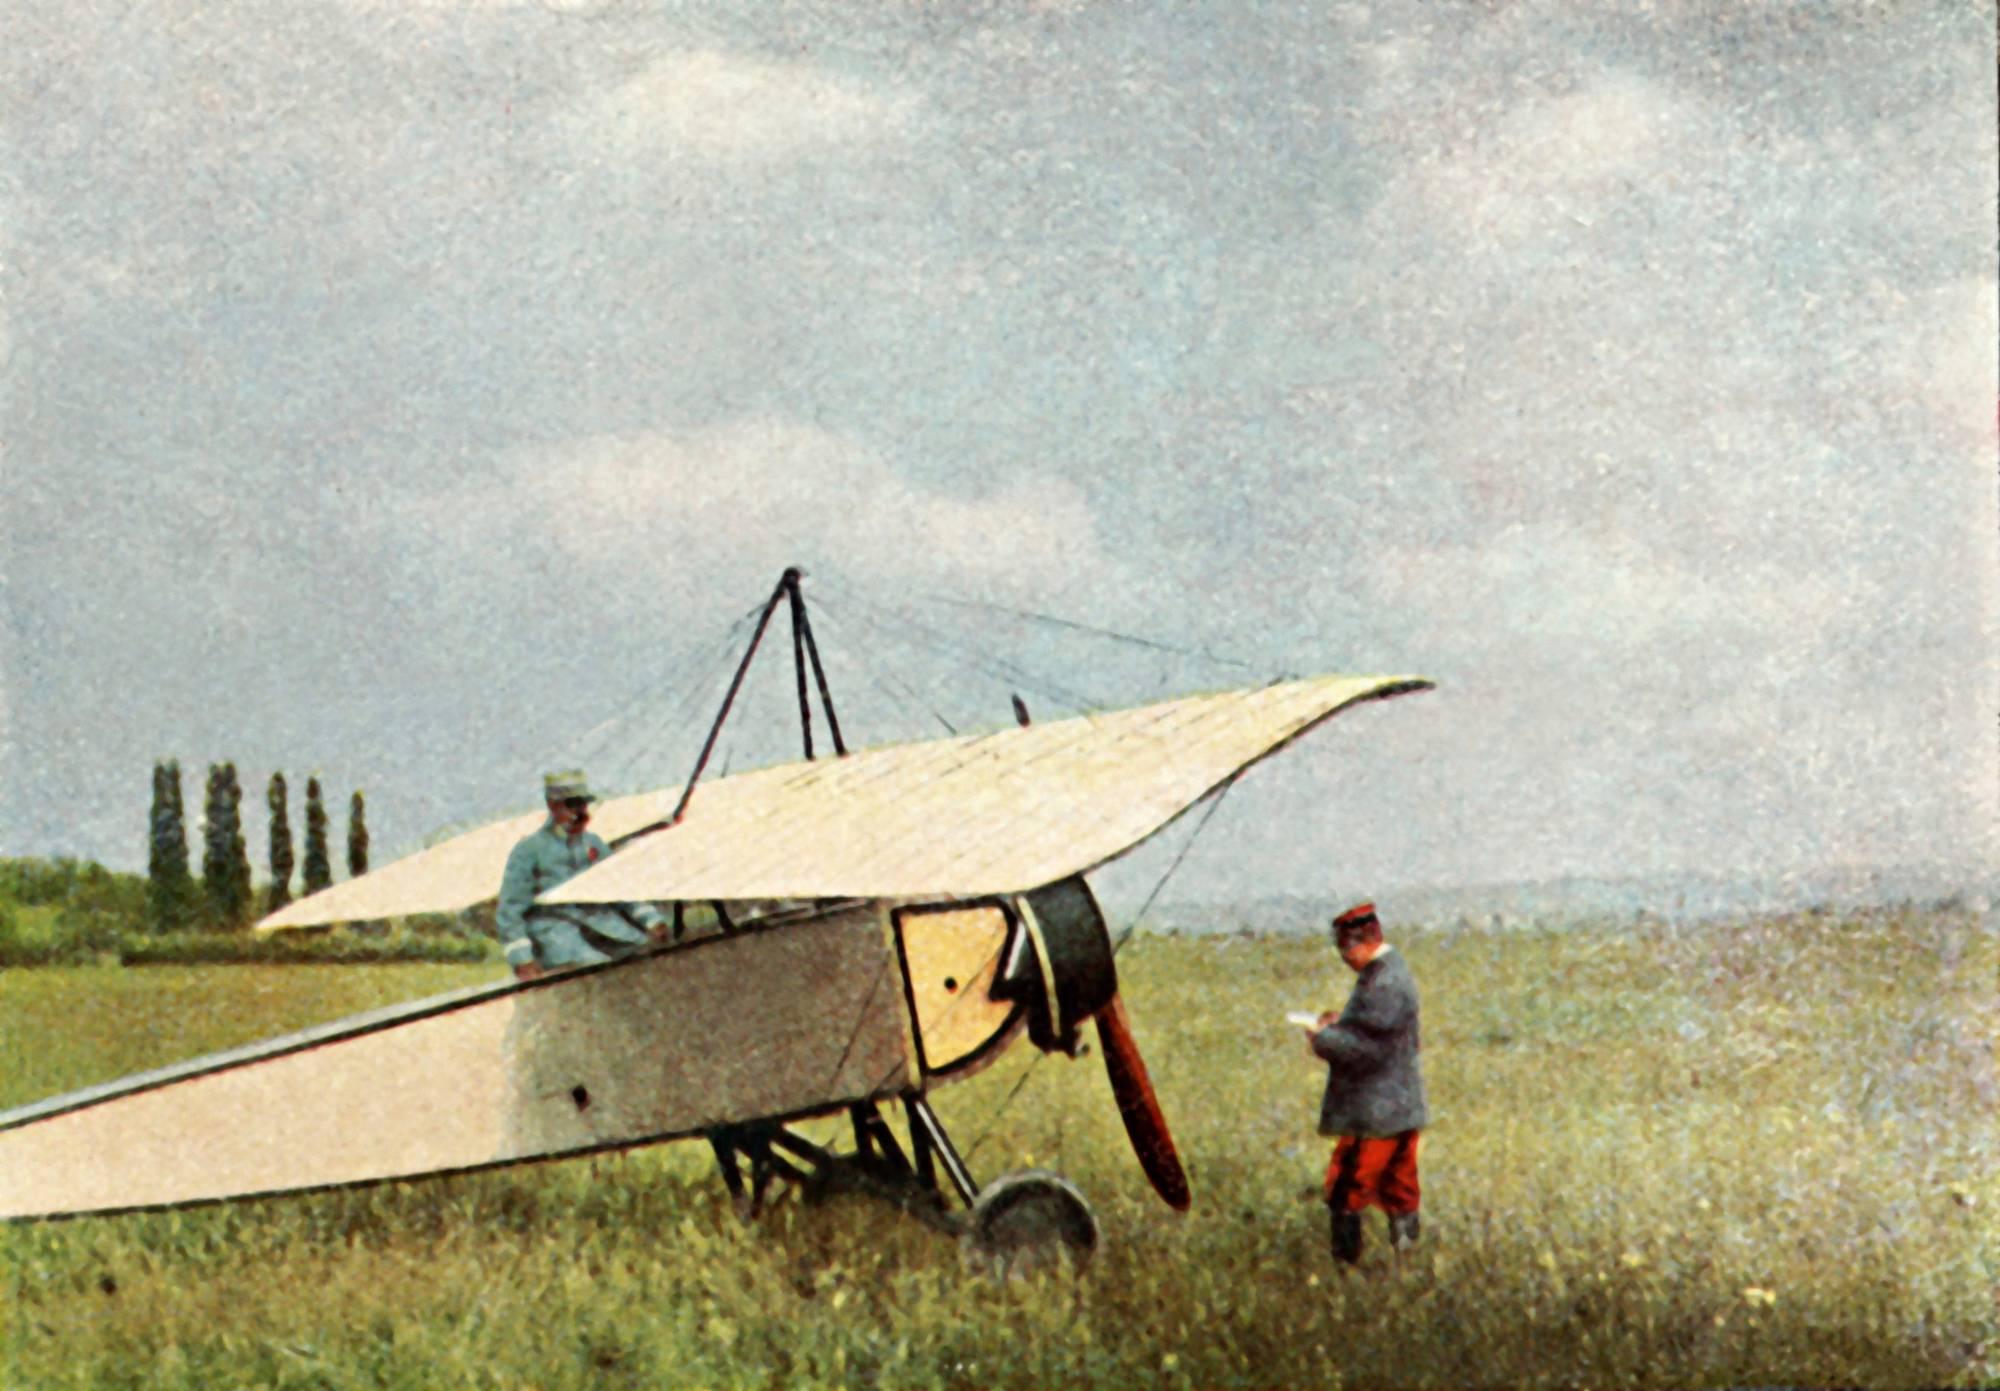 Marne, 1914. Ranskalaisten Morane-Saulnier-tiedustelukone valmistautuu lennolle. Kuva Jules Gervais-Courtellemont / Roger-Viollet / Topfoto / LK